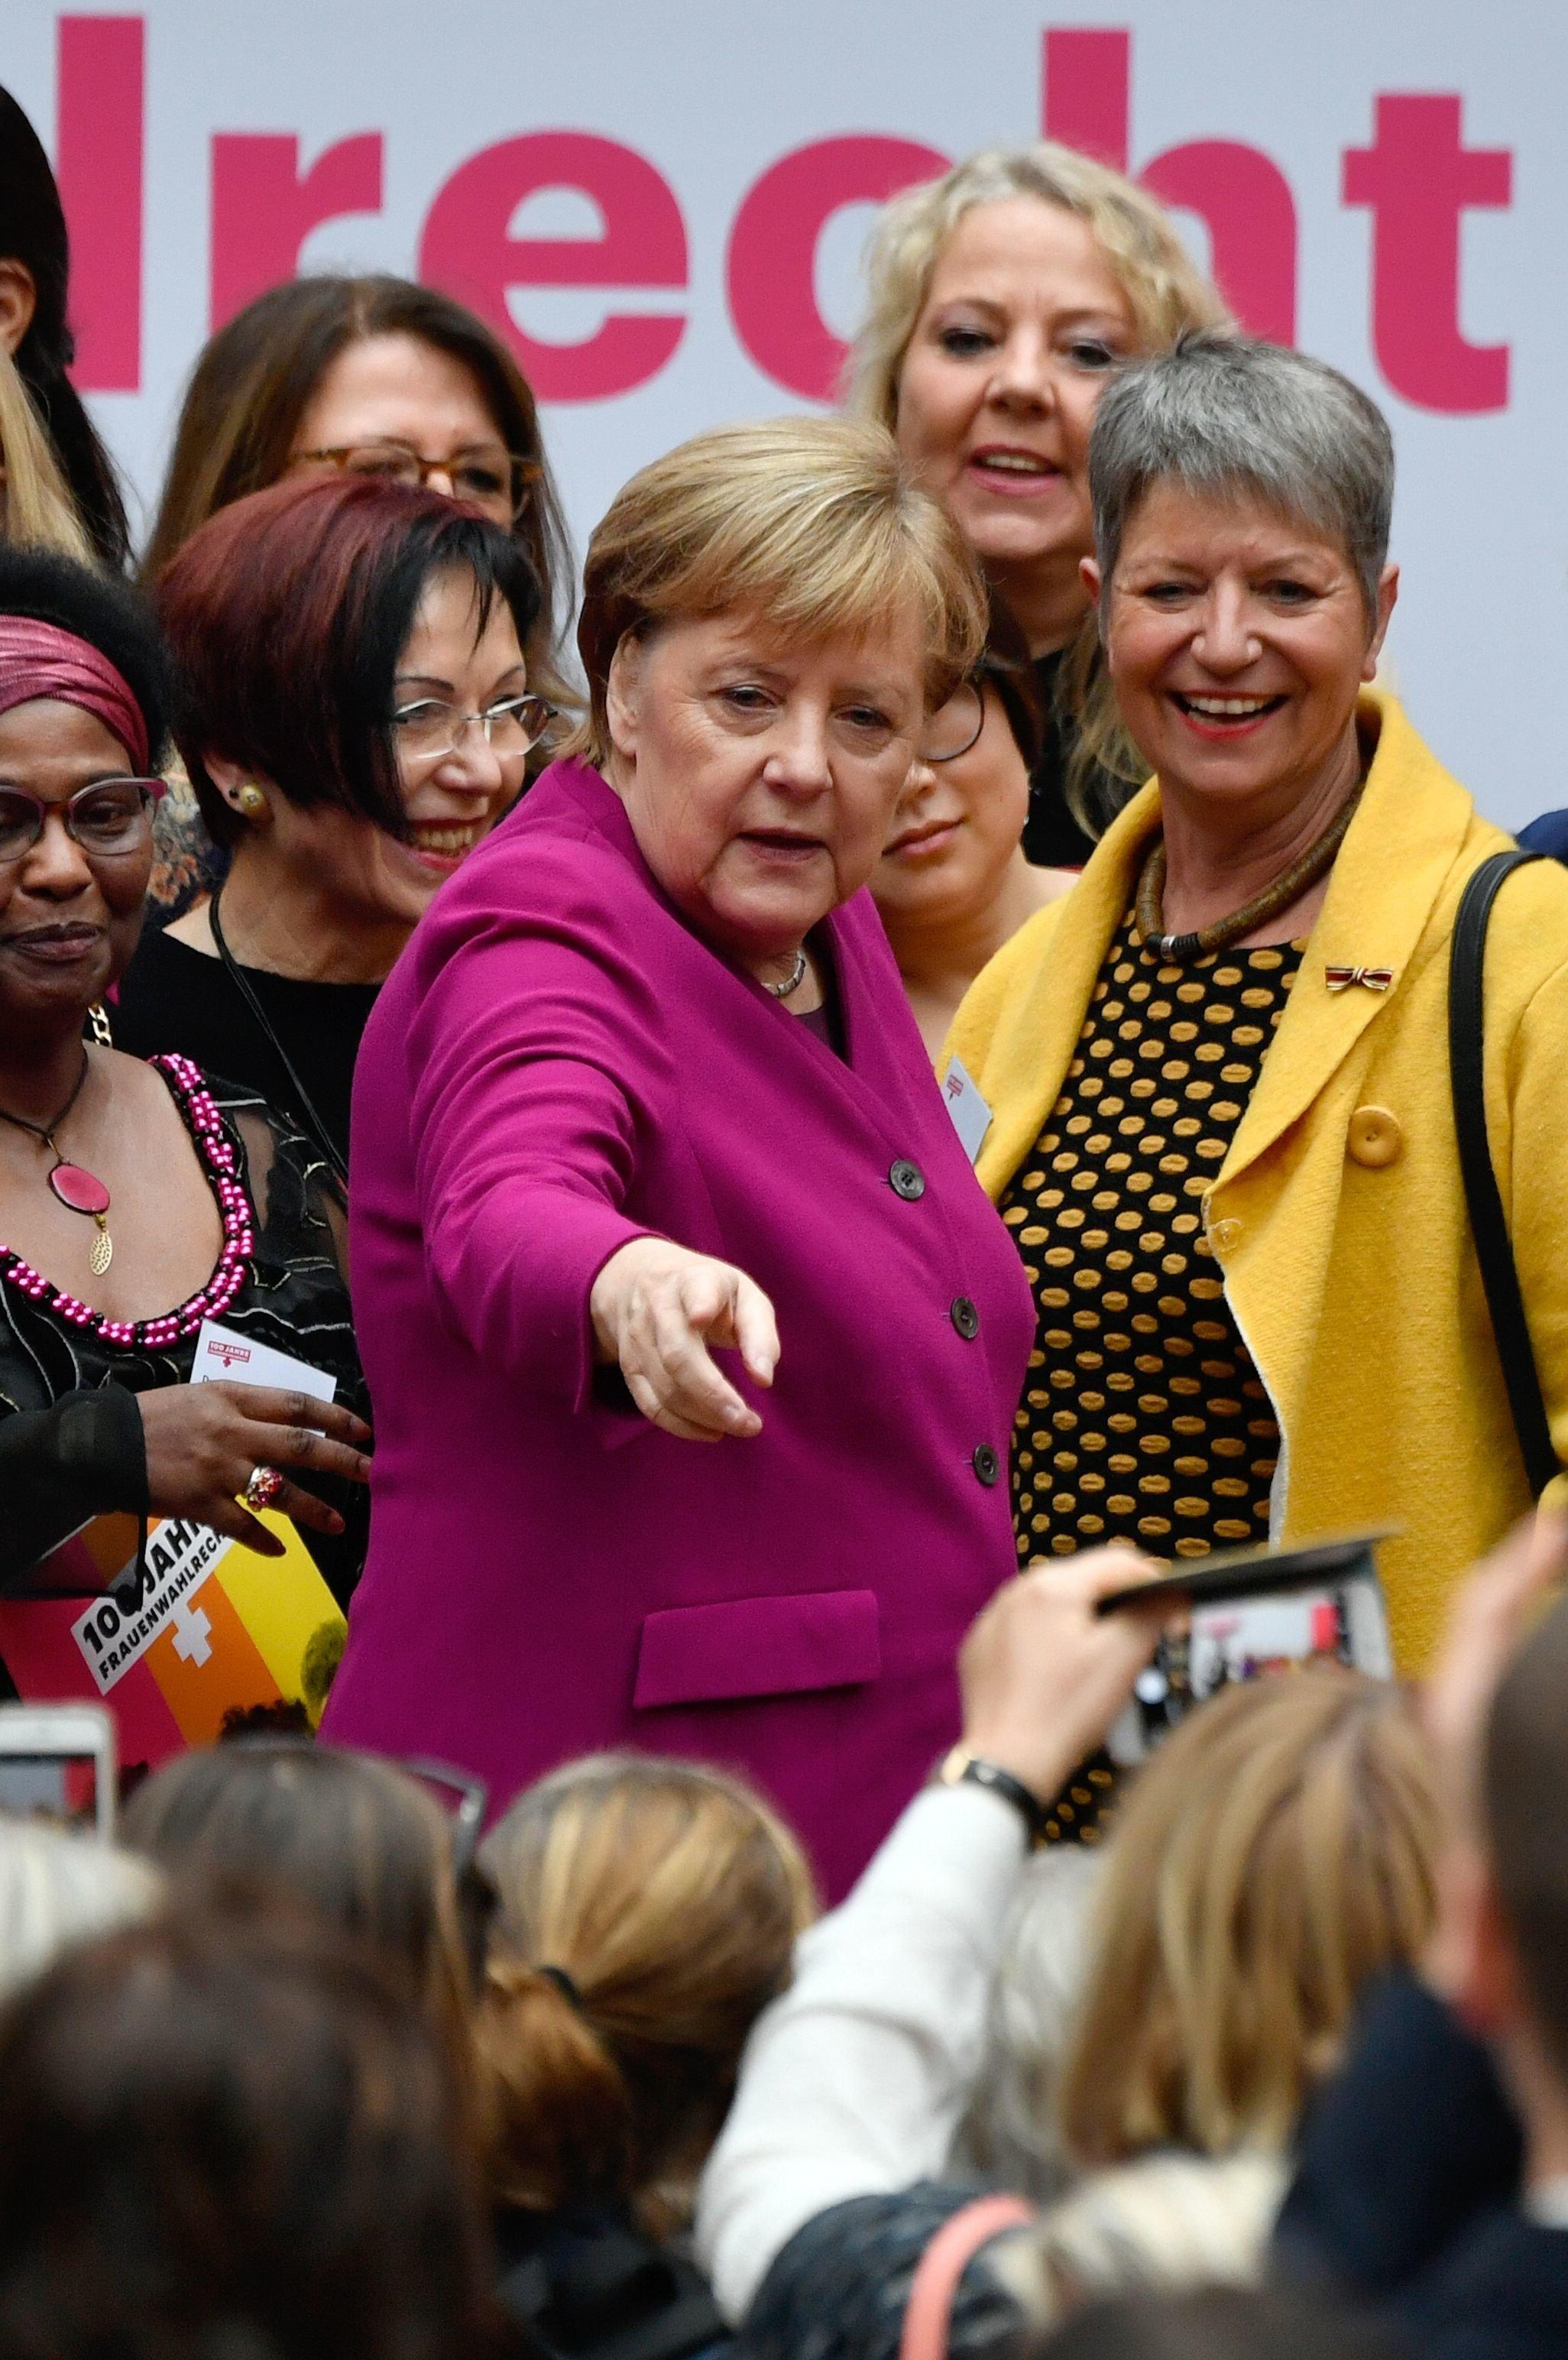 Angela Merkel: Mit 2 Sätzen bringt sie den Stand der Gleichberechtigung auf den